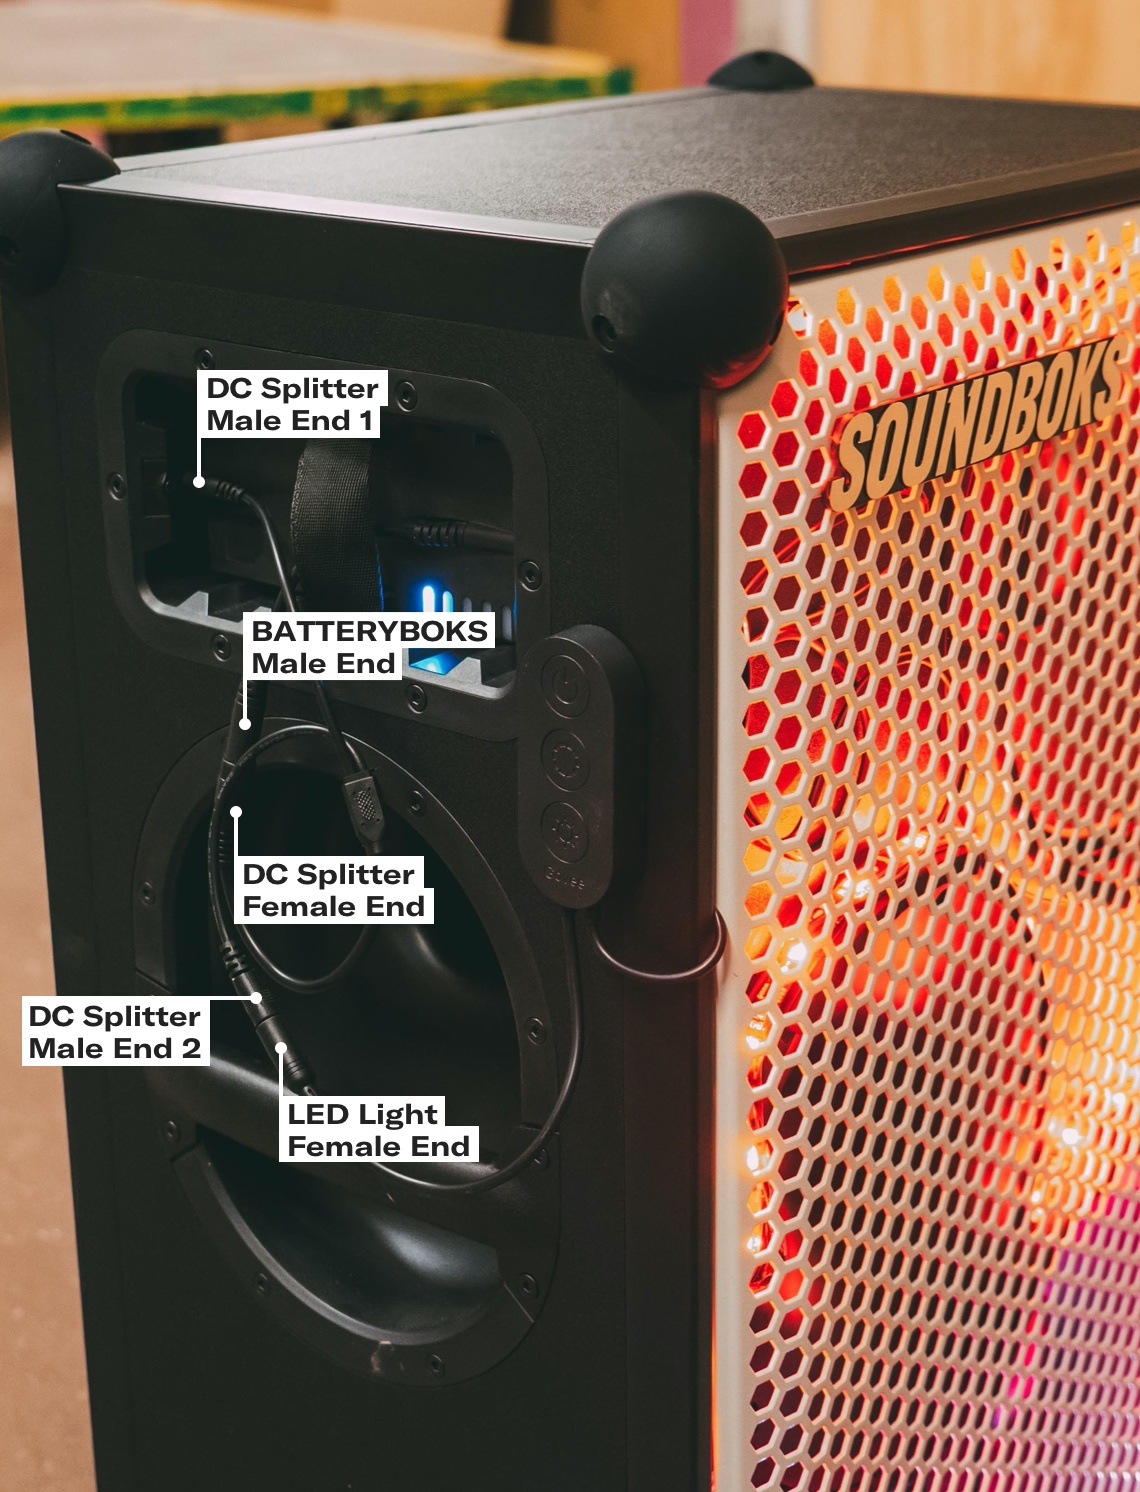 Colored LED Lights on the SOUNDBOKS bluetooth speaker